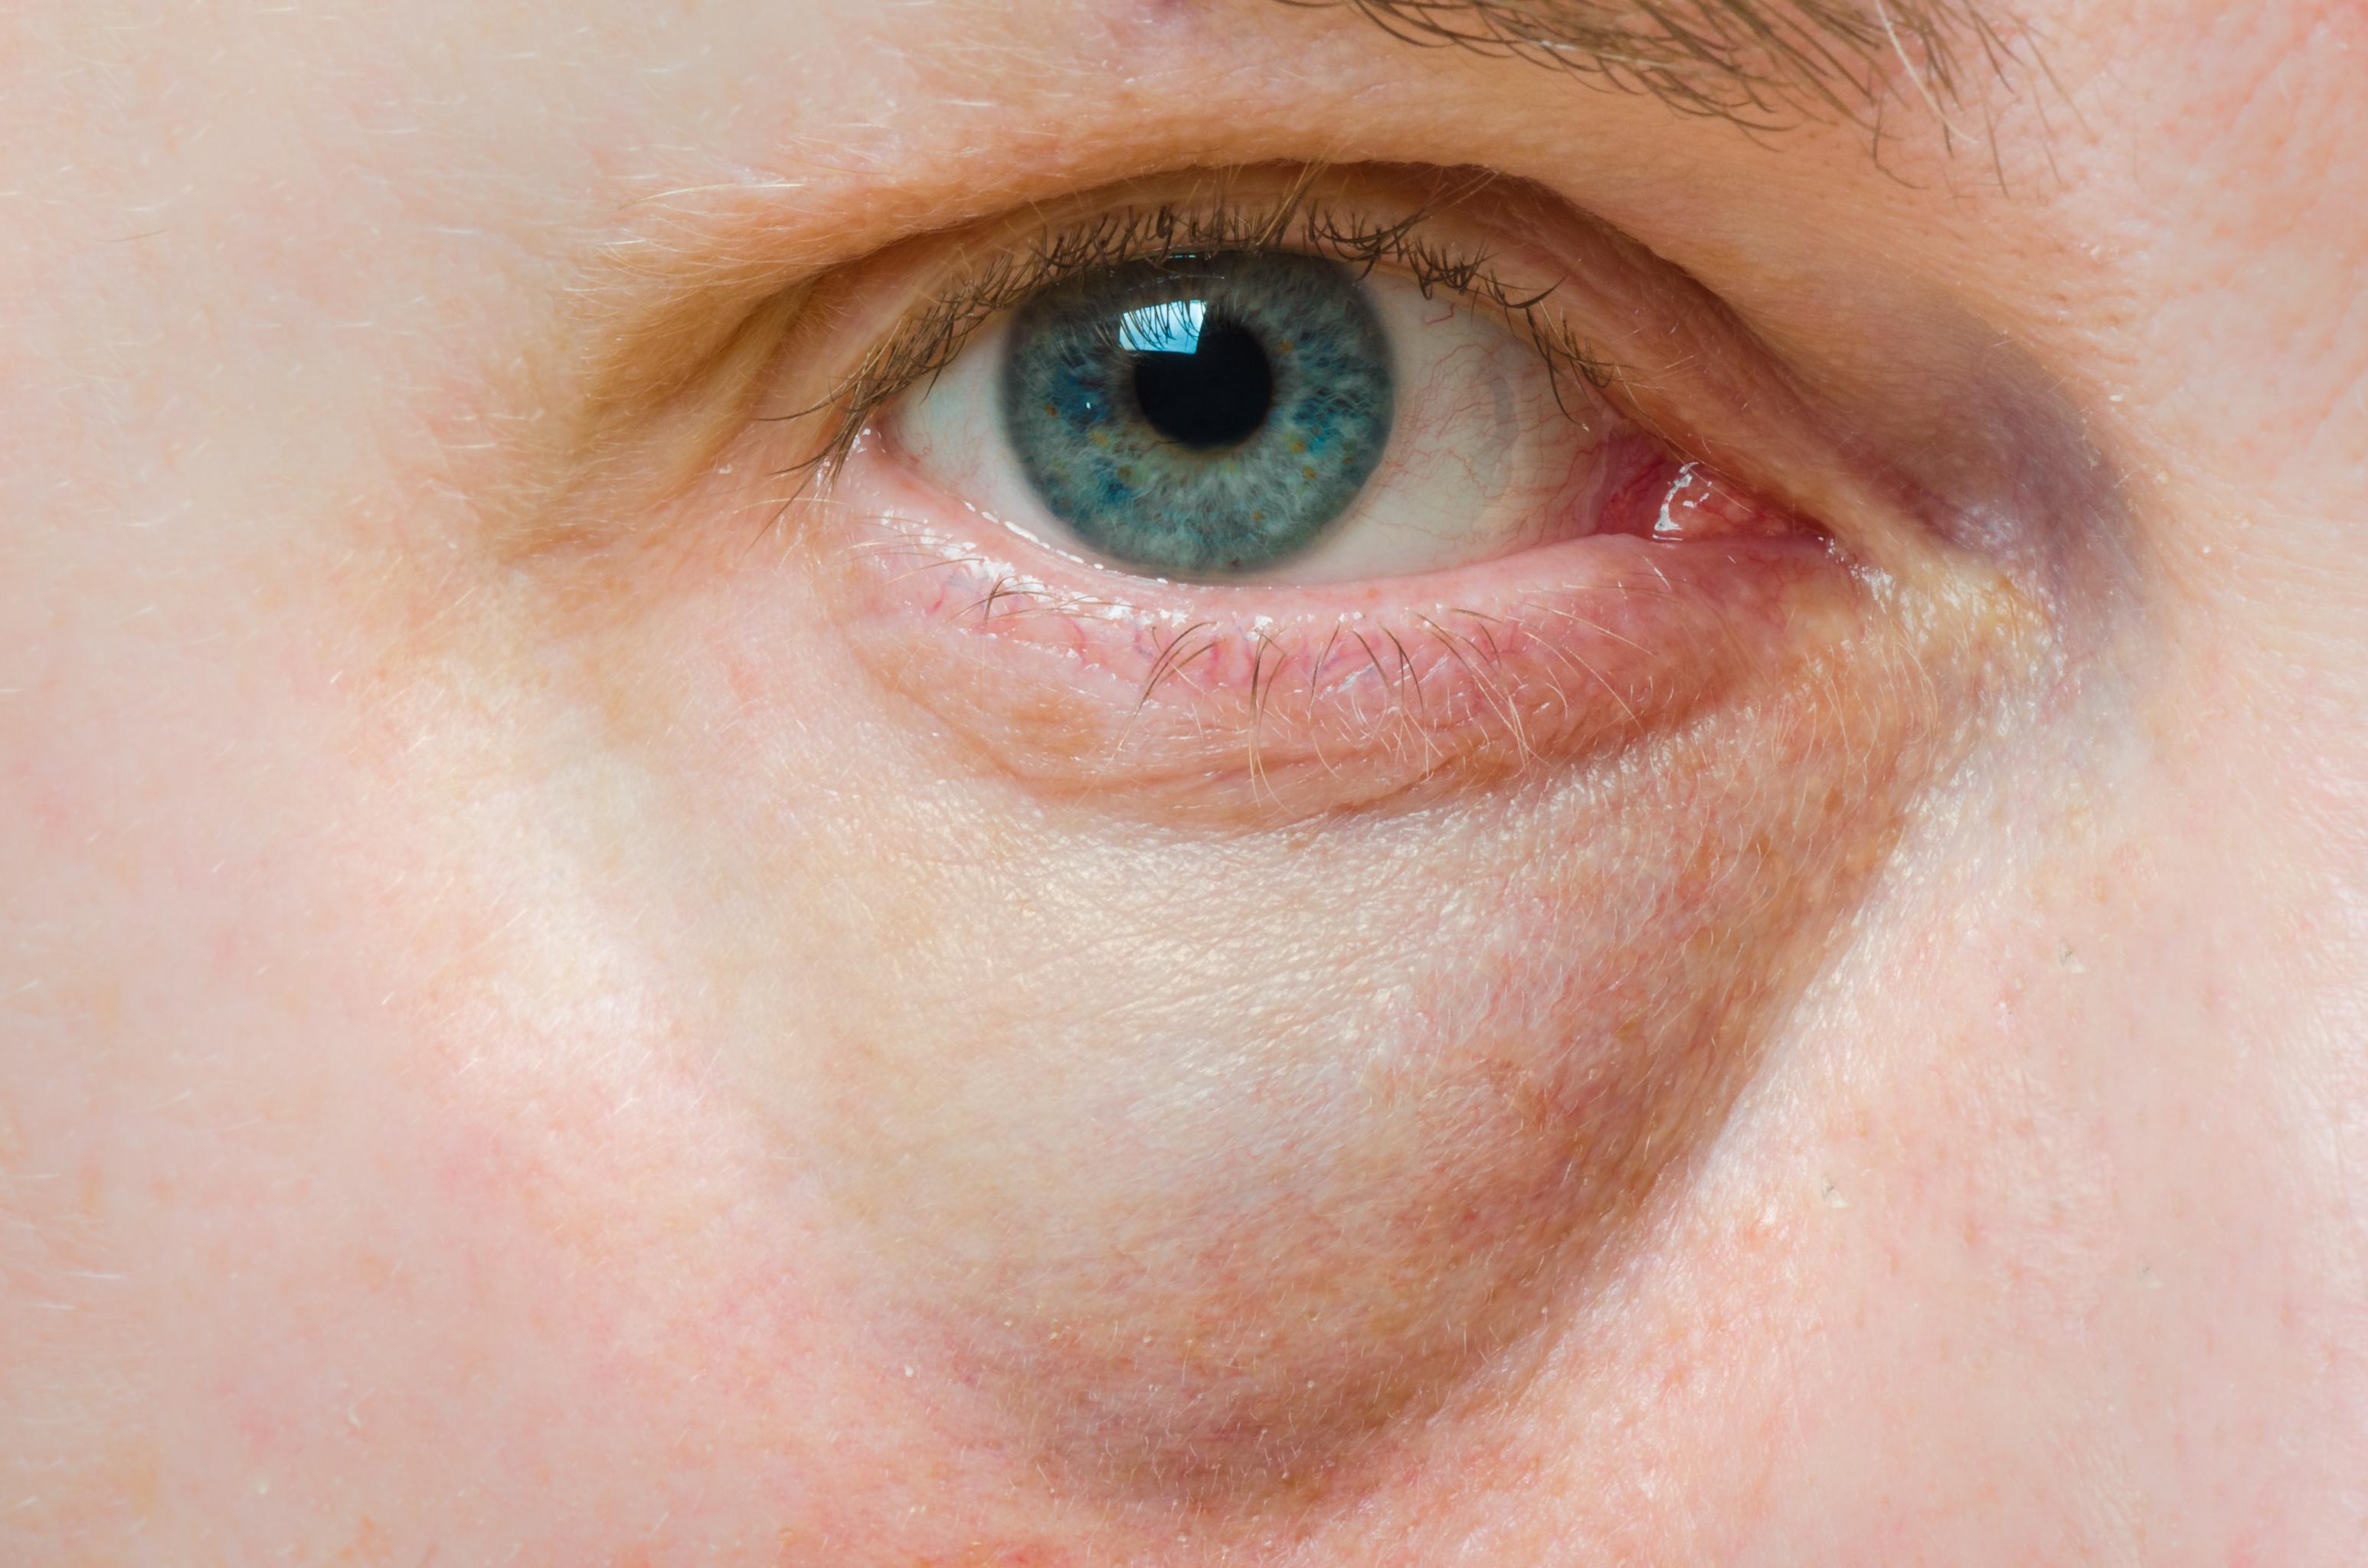 hogyan lehet eltávolítani a szem alatti vörös foltot